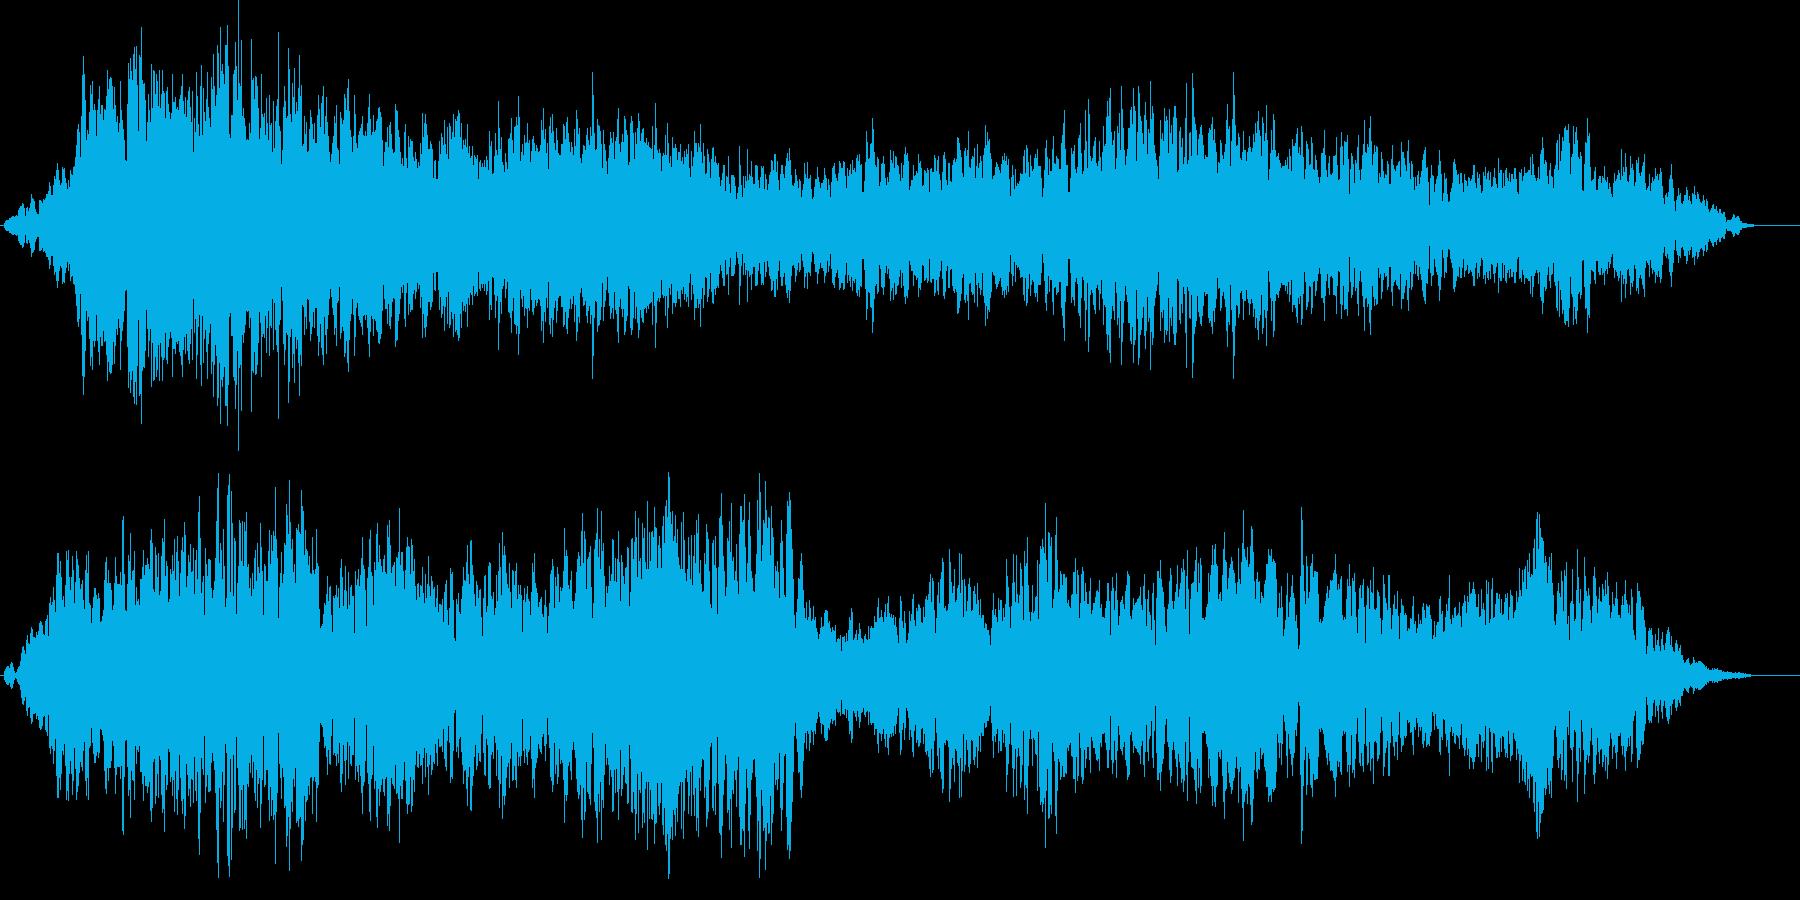 アンビエント ambient 空間 音の再生済みの波形